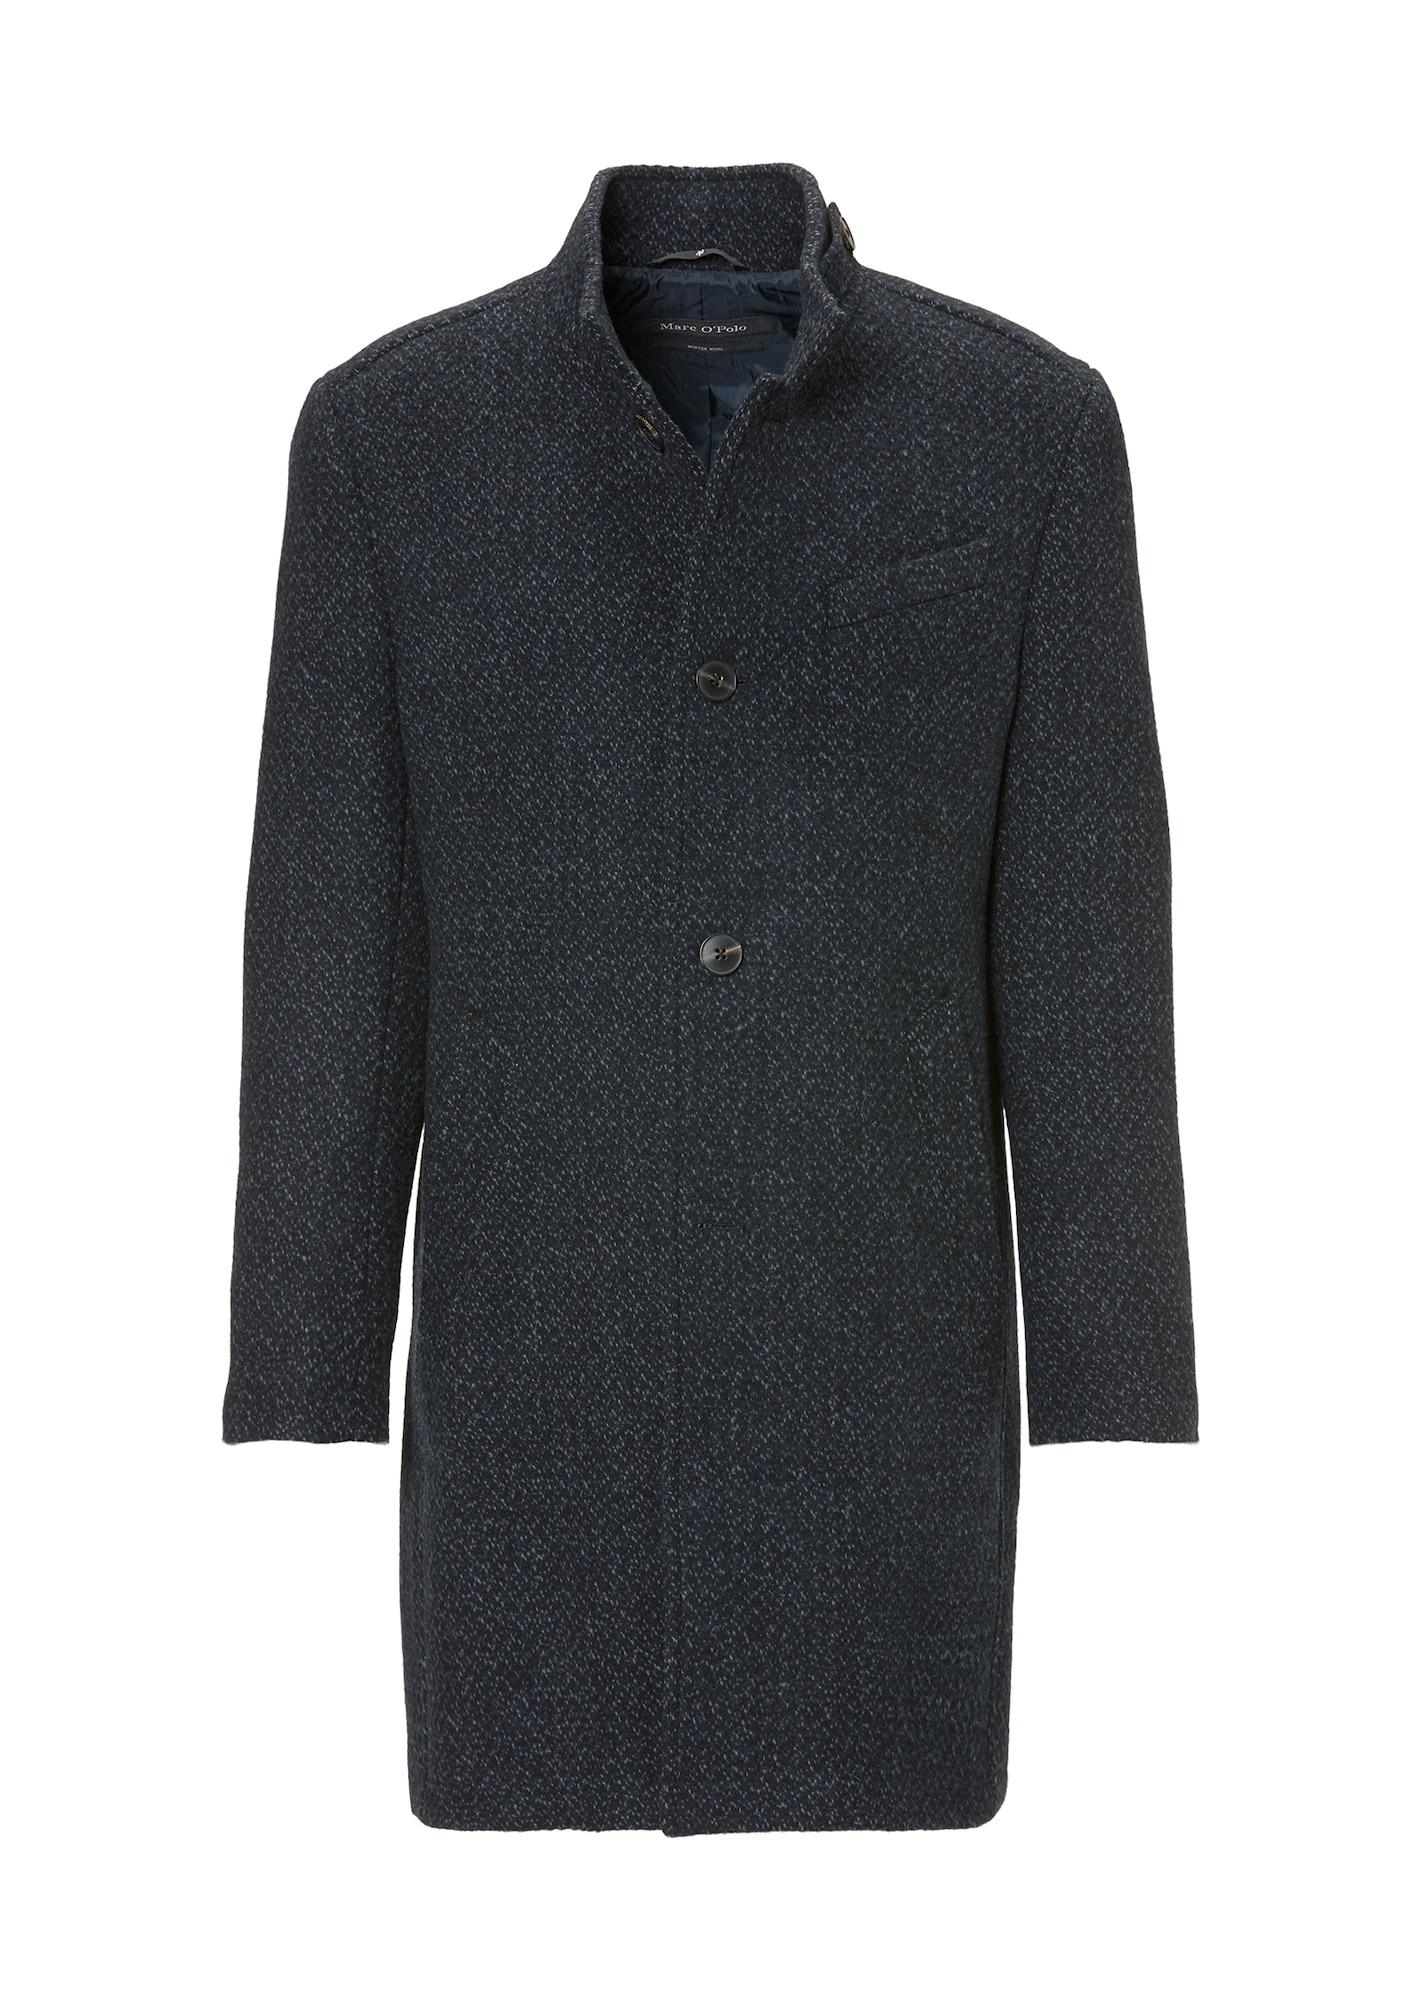 Marc O'Polo Rudeninis-žieminis paltas nakties mėlyna